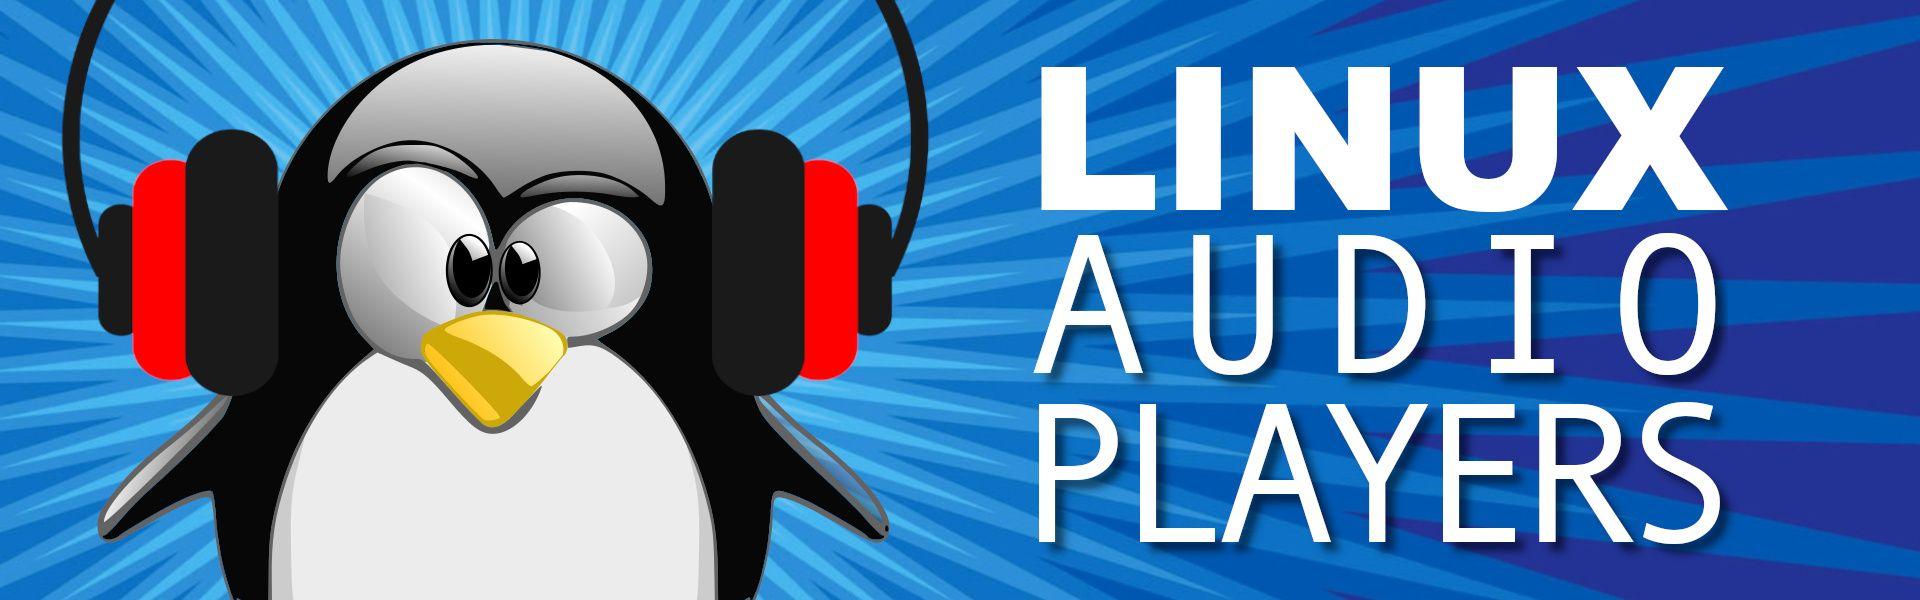 software riproduzione audio Linux (copertina)